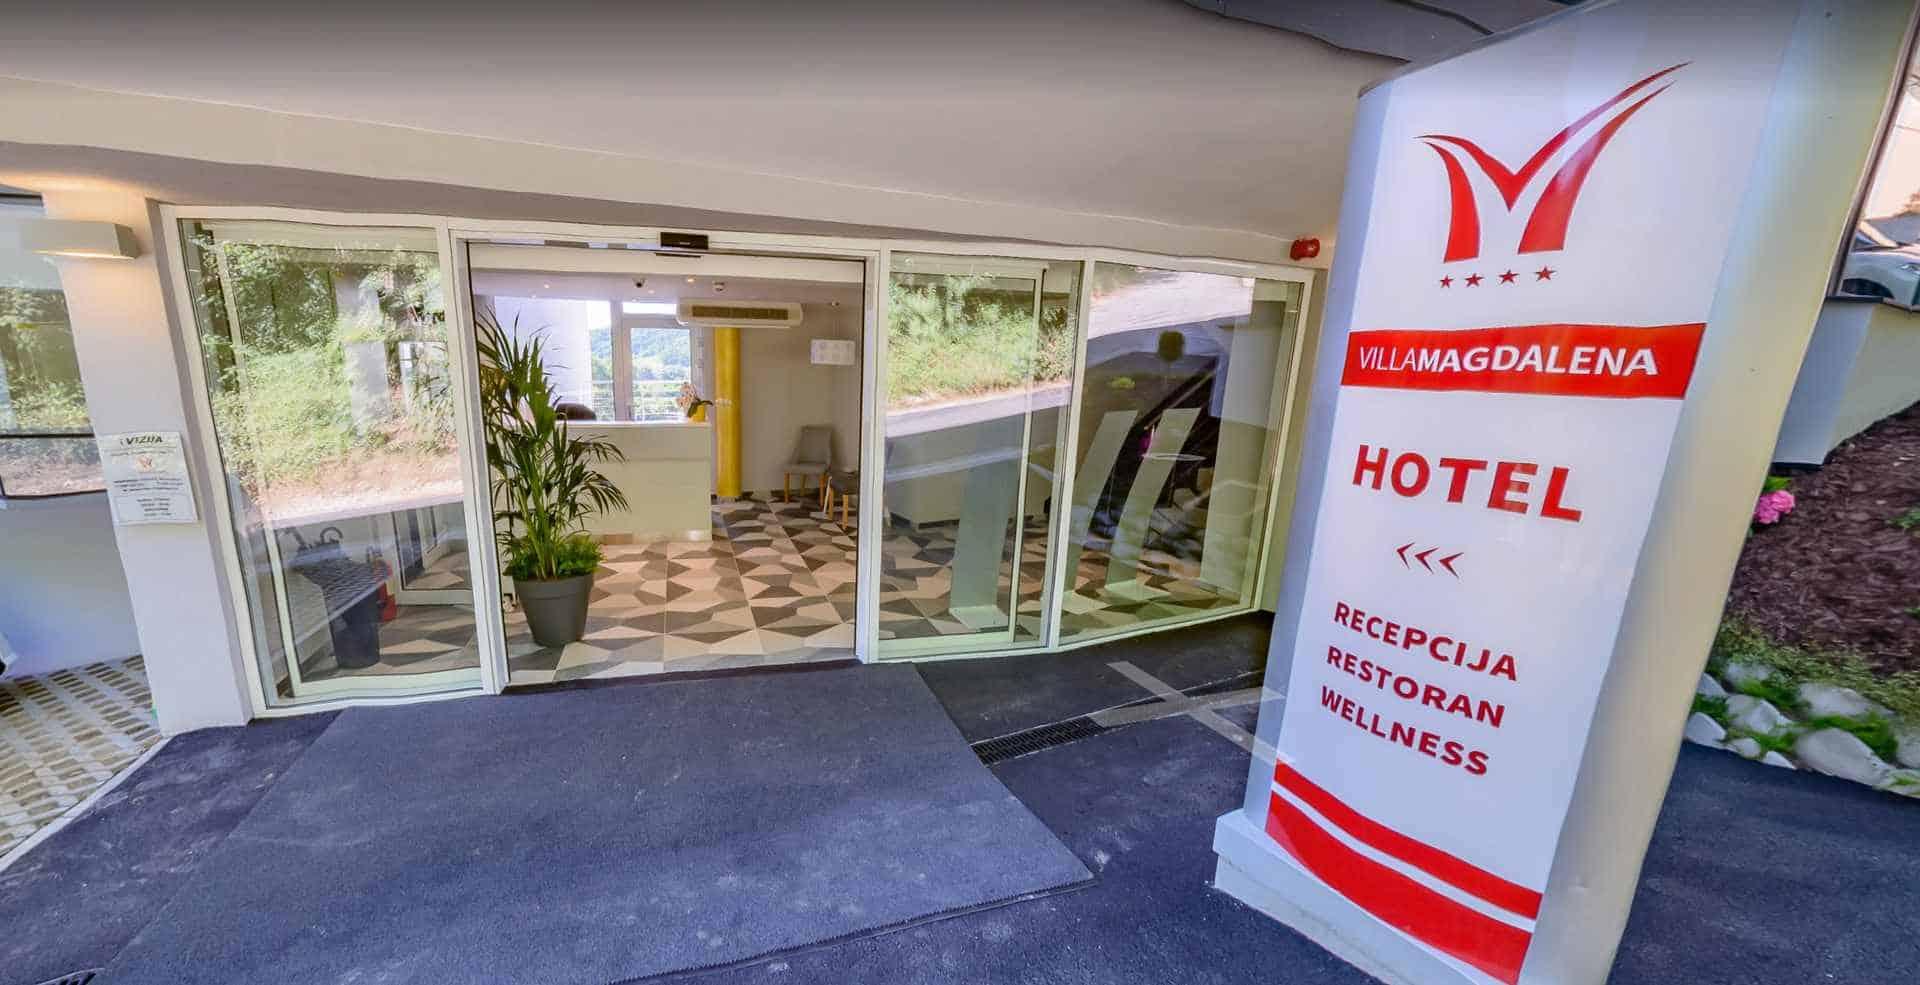 Virtualna šetnja - Hotel Villa Magdalena, Krapinske Toplice